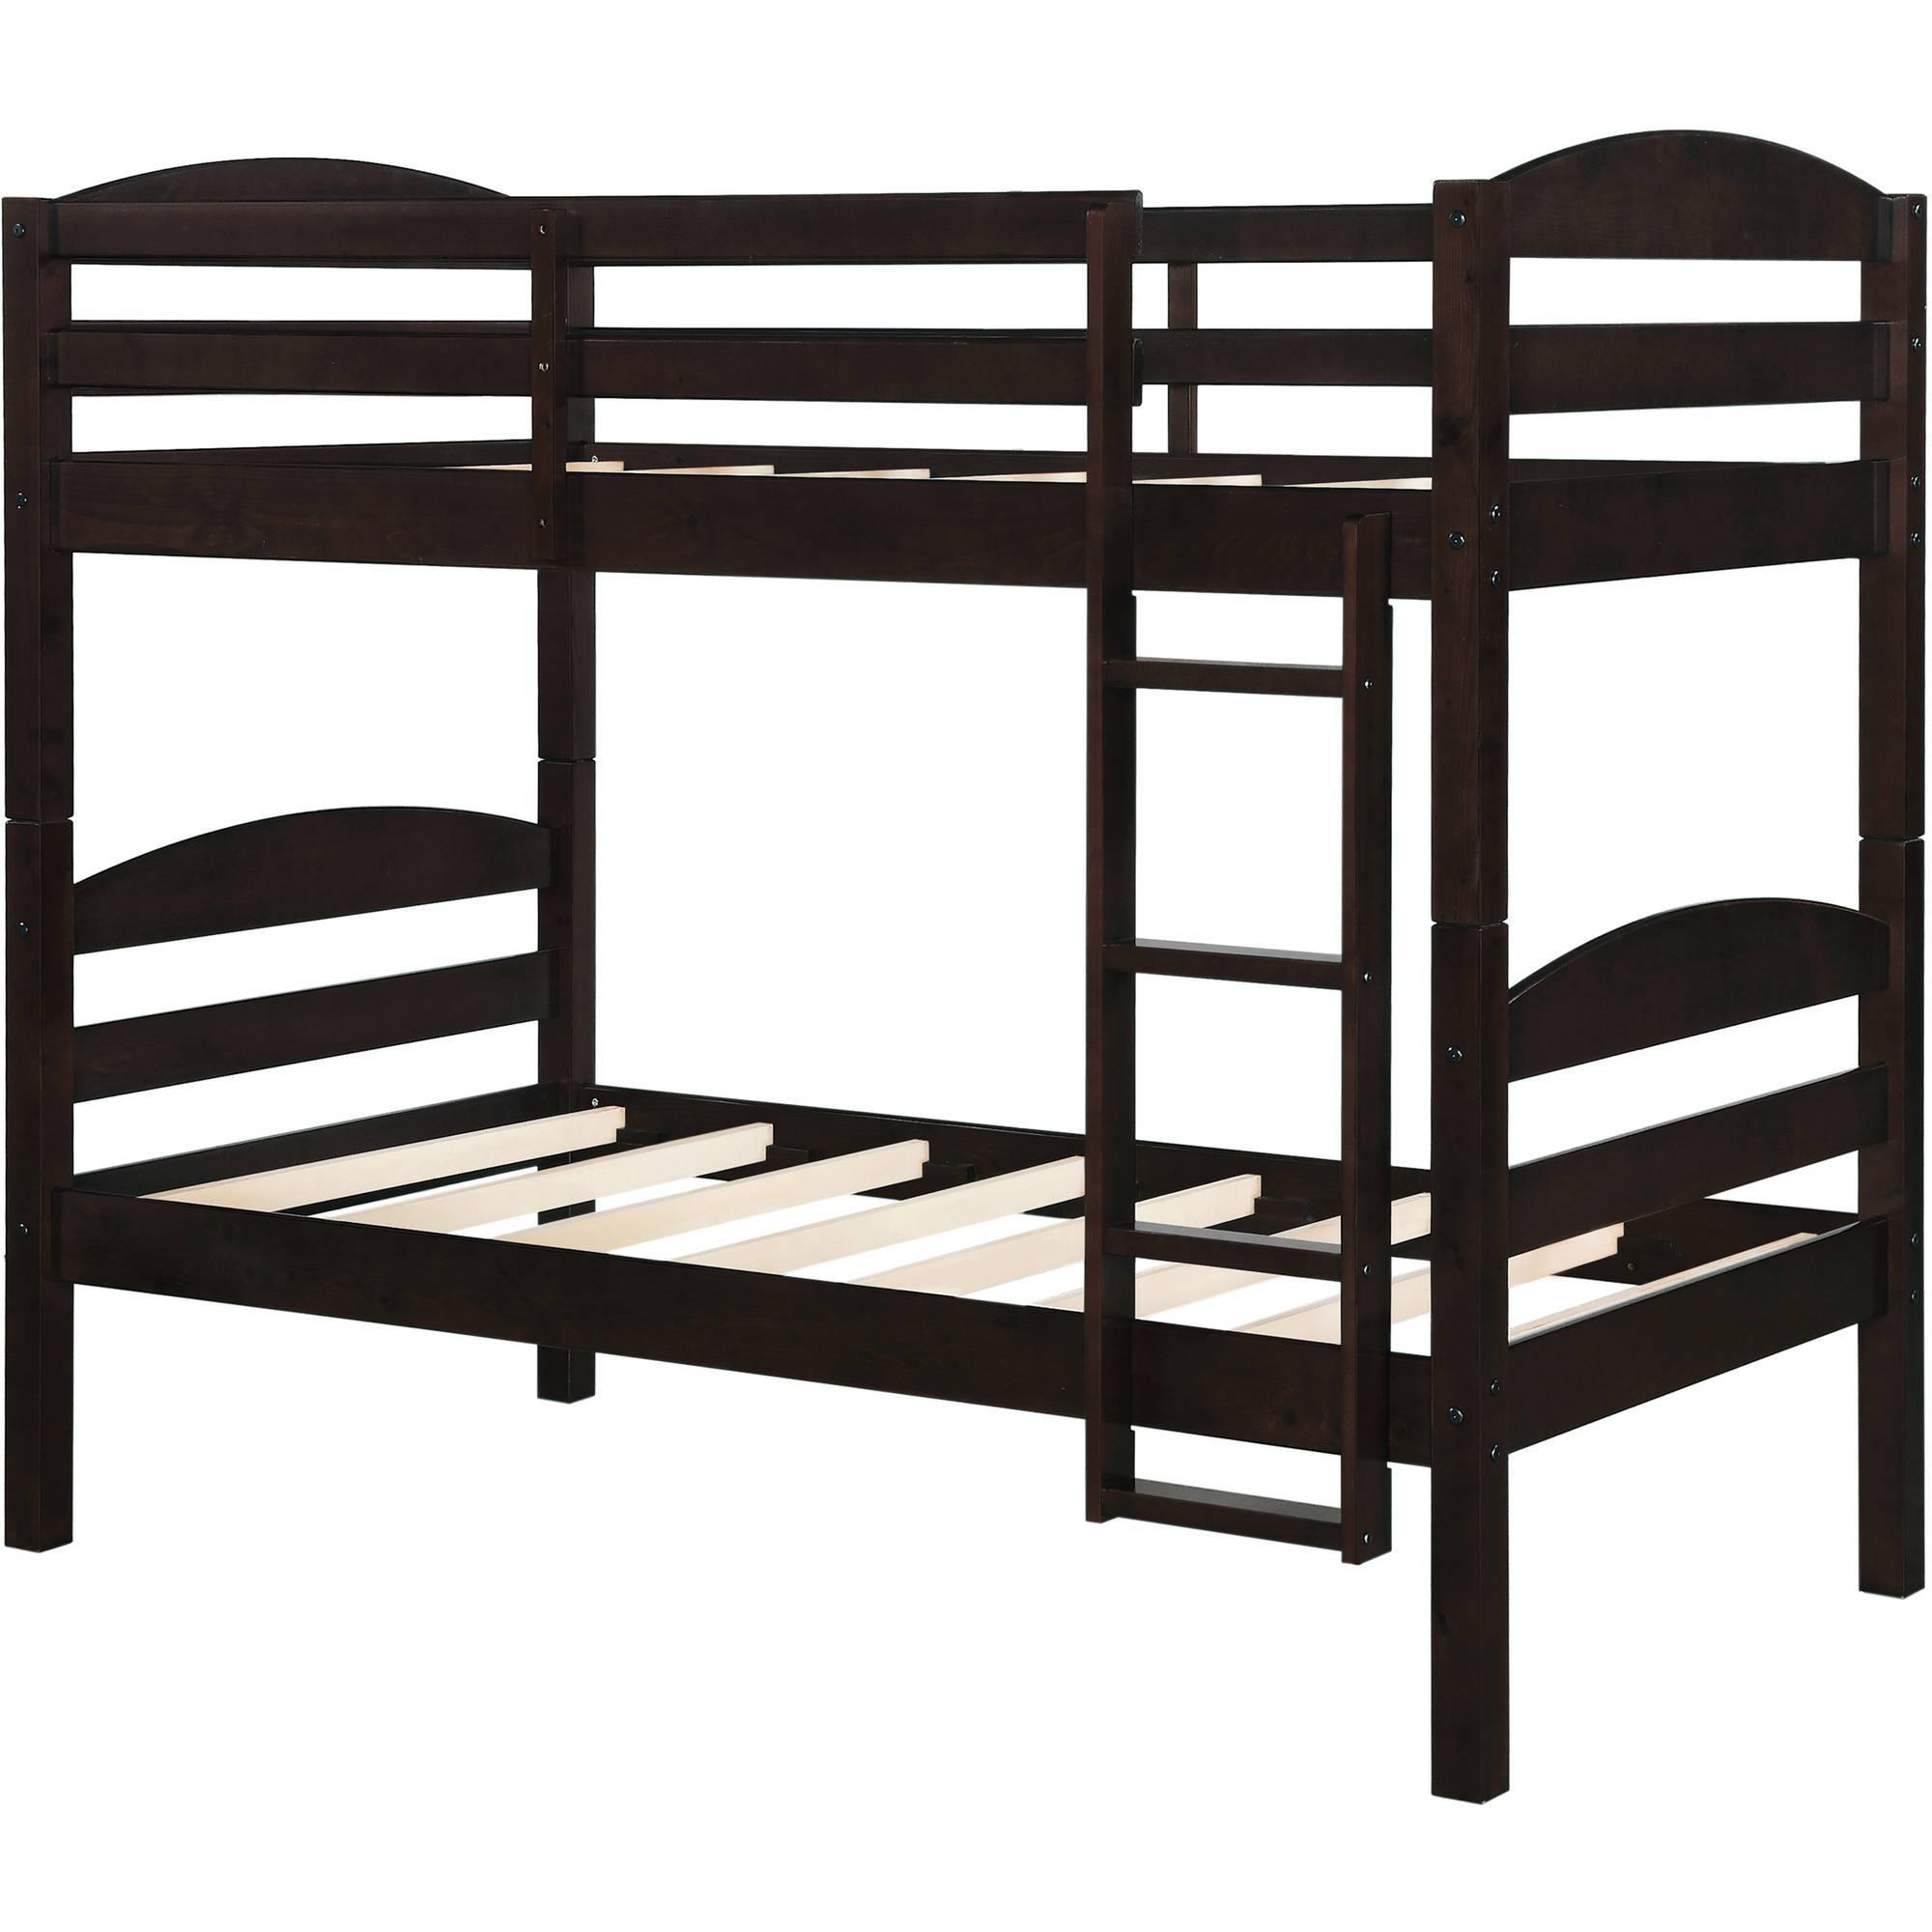 Bunk Beds : Kmart Bunk Beds With Mattress Bunk Beds With Mattress Throughout Kmart Bunk Bed Mattress (Image 11 of 20)